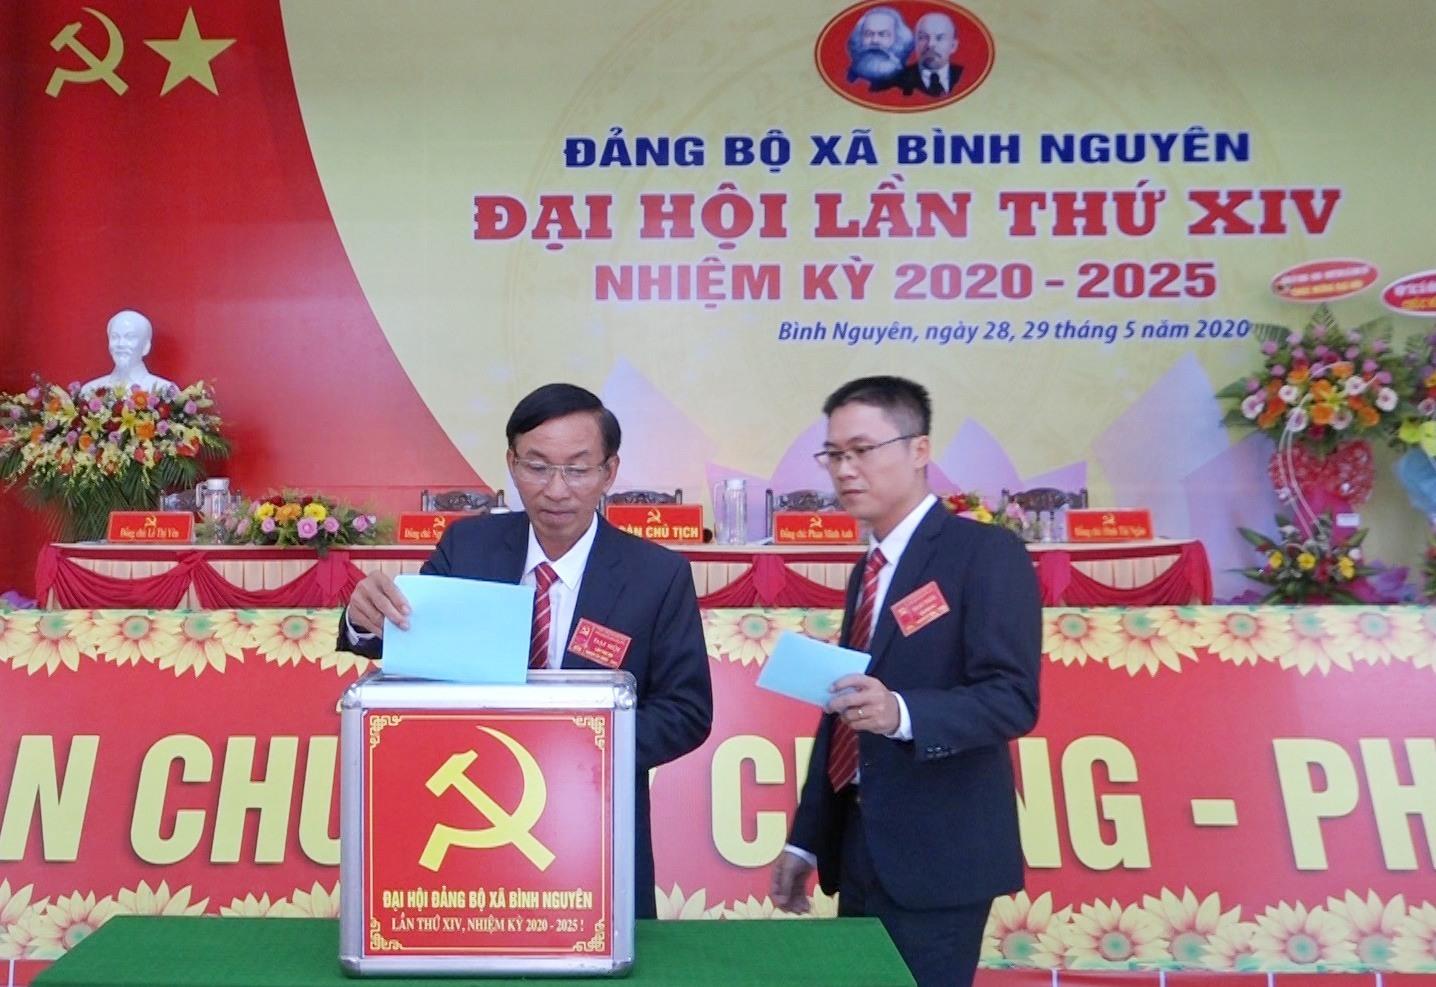 Các đại biểu bầu Ban Chấp hành xã Bình Nguyên lần thứ XIV, nhiệm kỳ 2020-2025